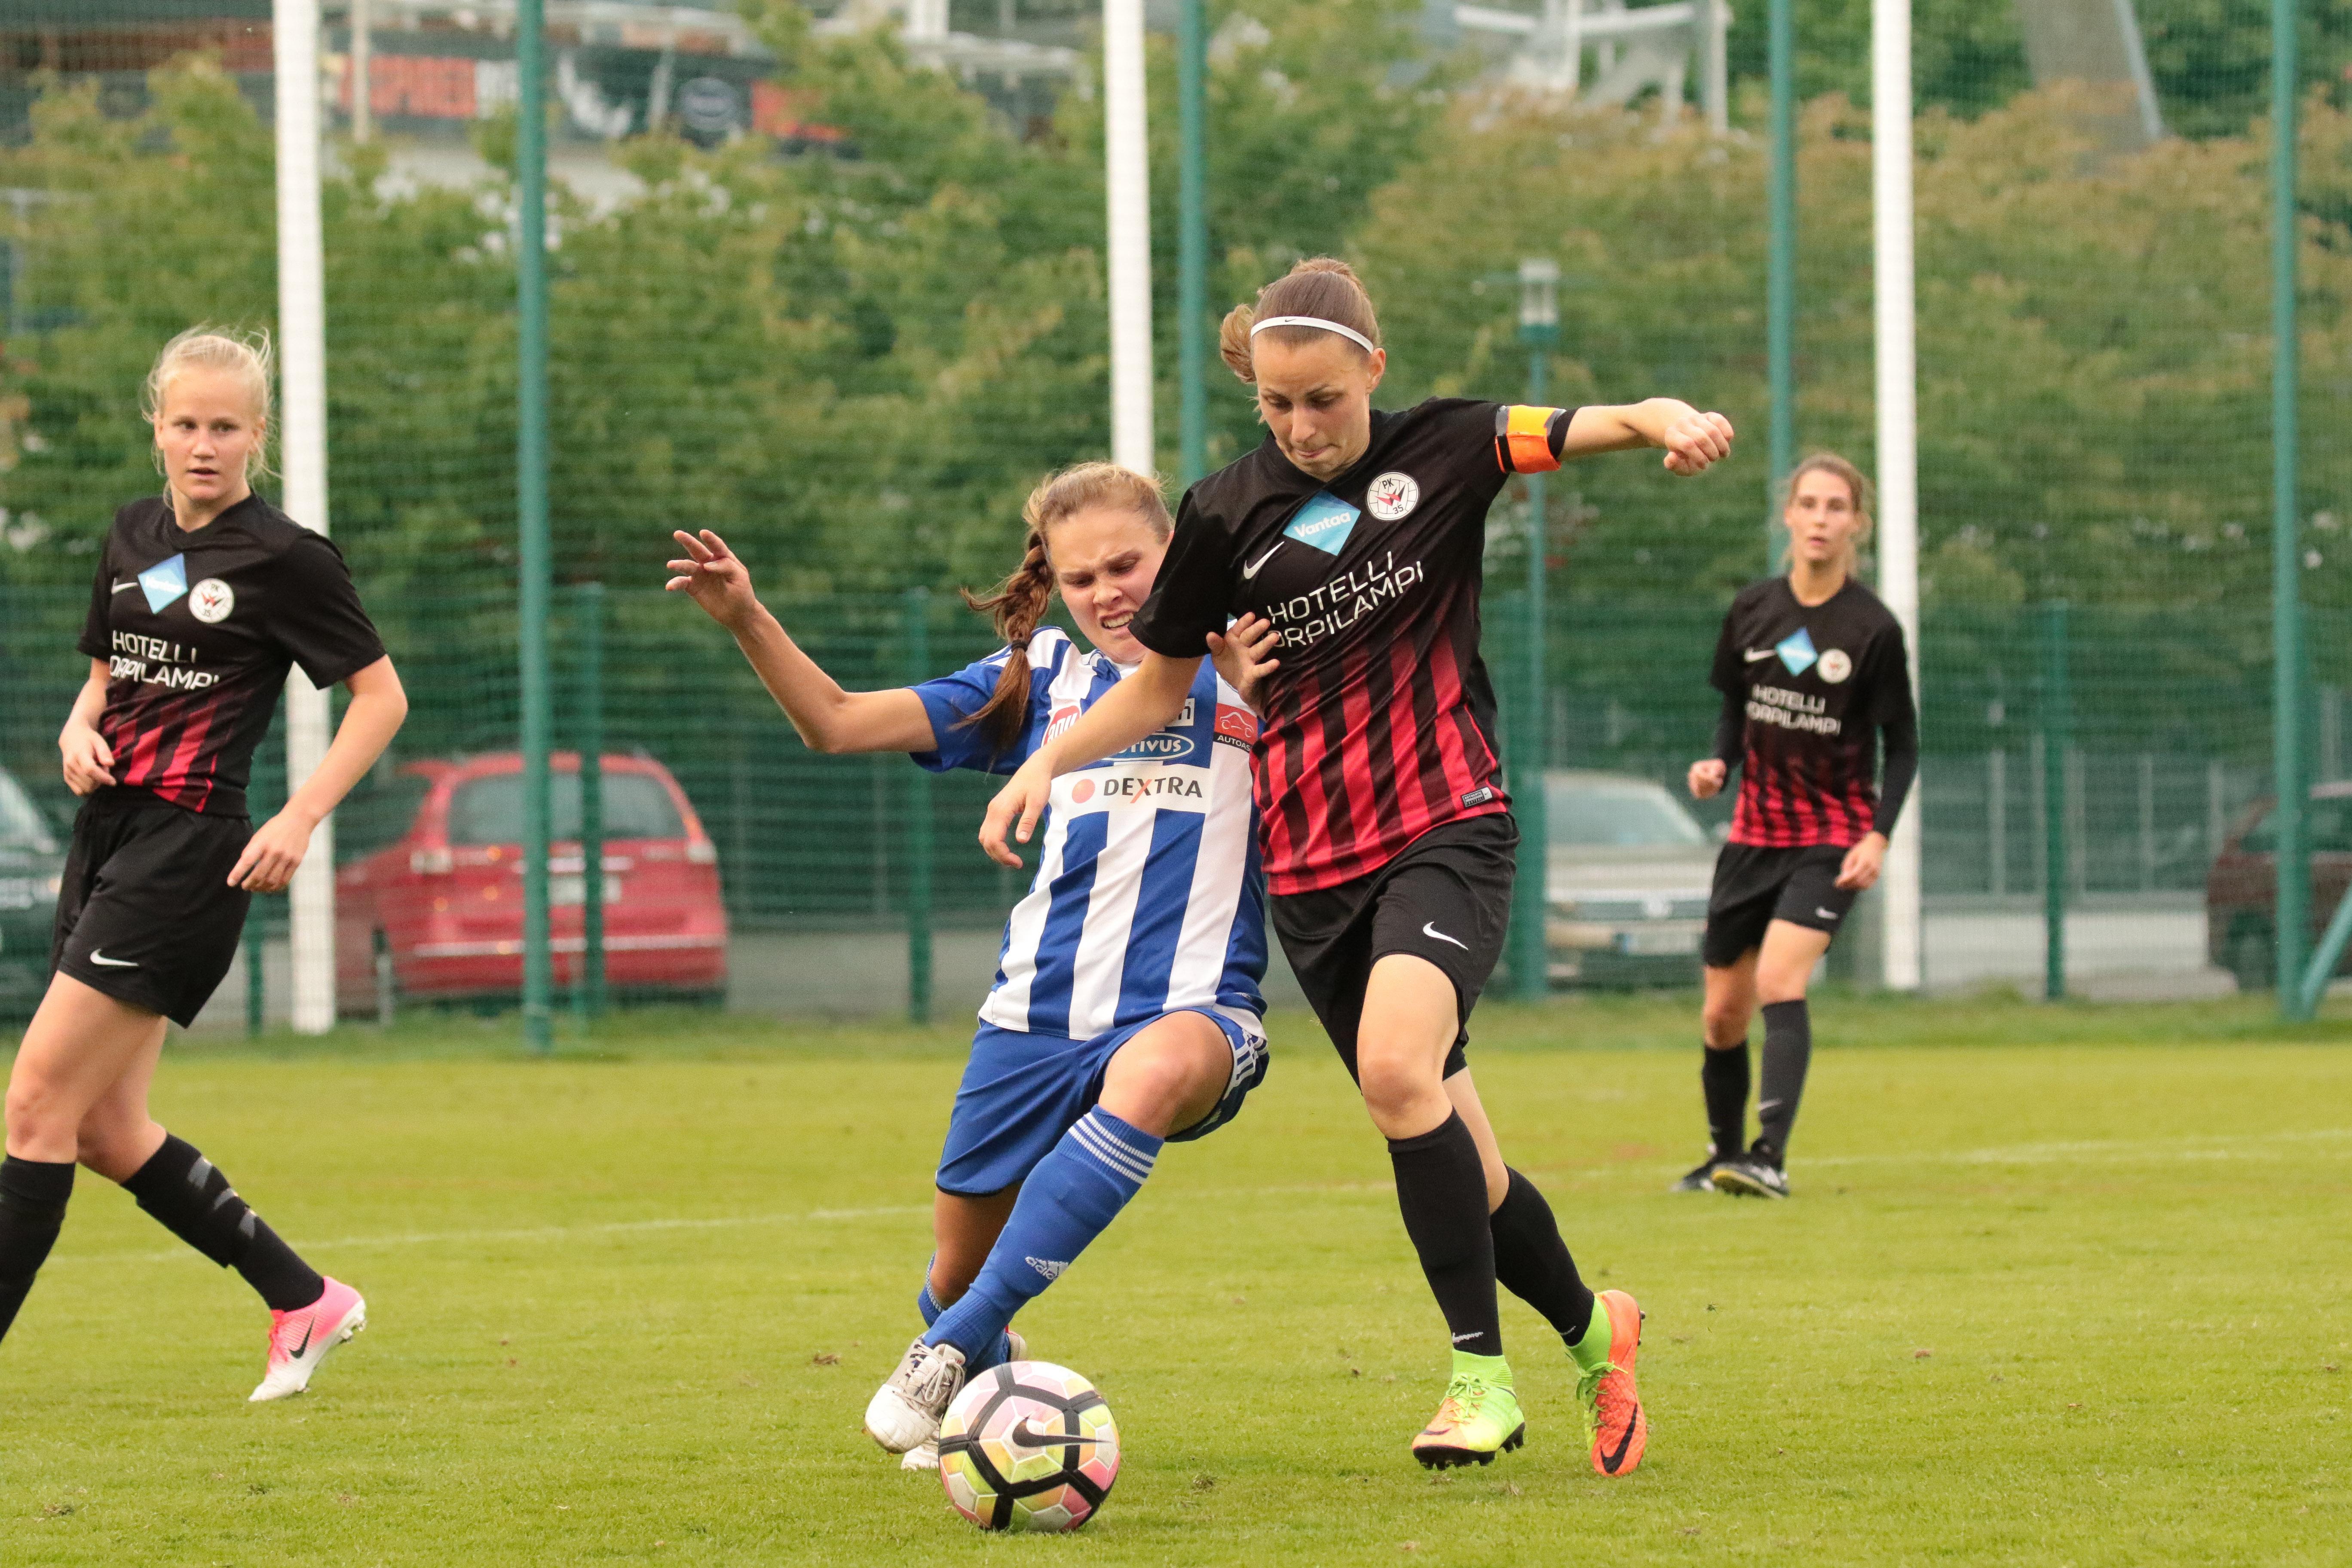 HJK – PK 35 Vantaa, 0 2, Naisten Liiga, 6.9.2017 18